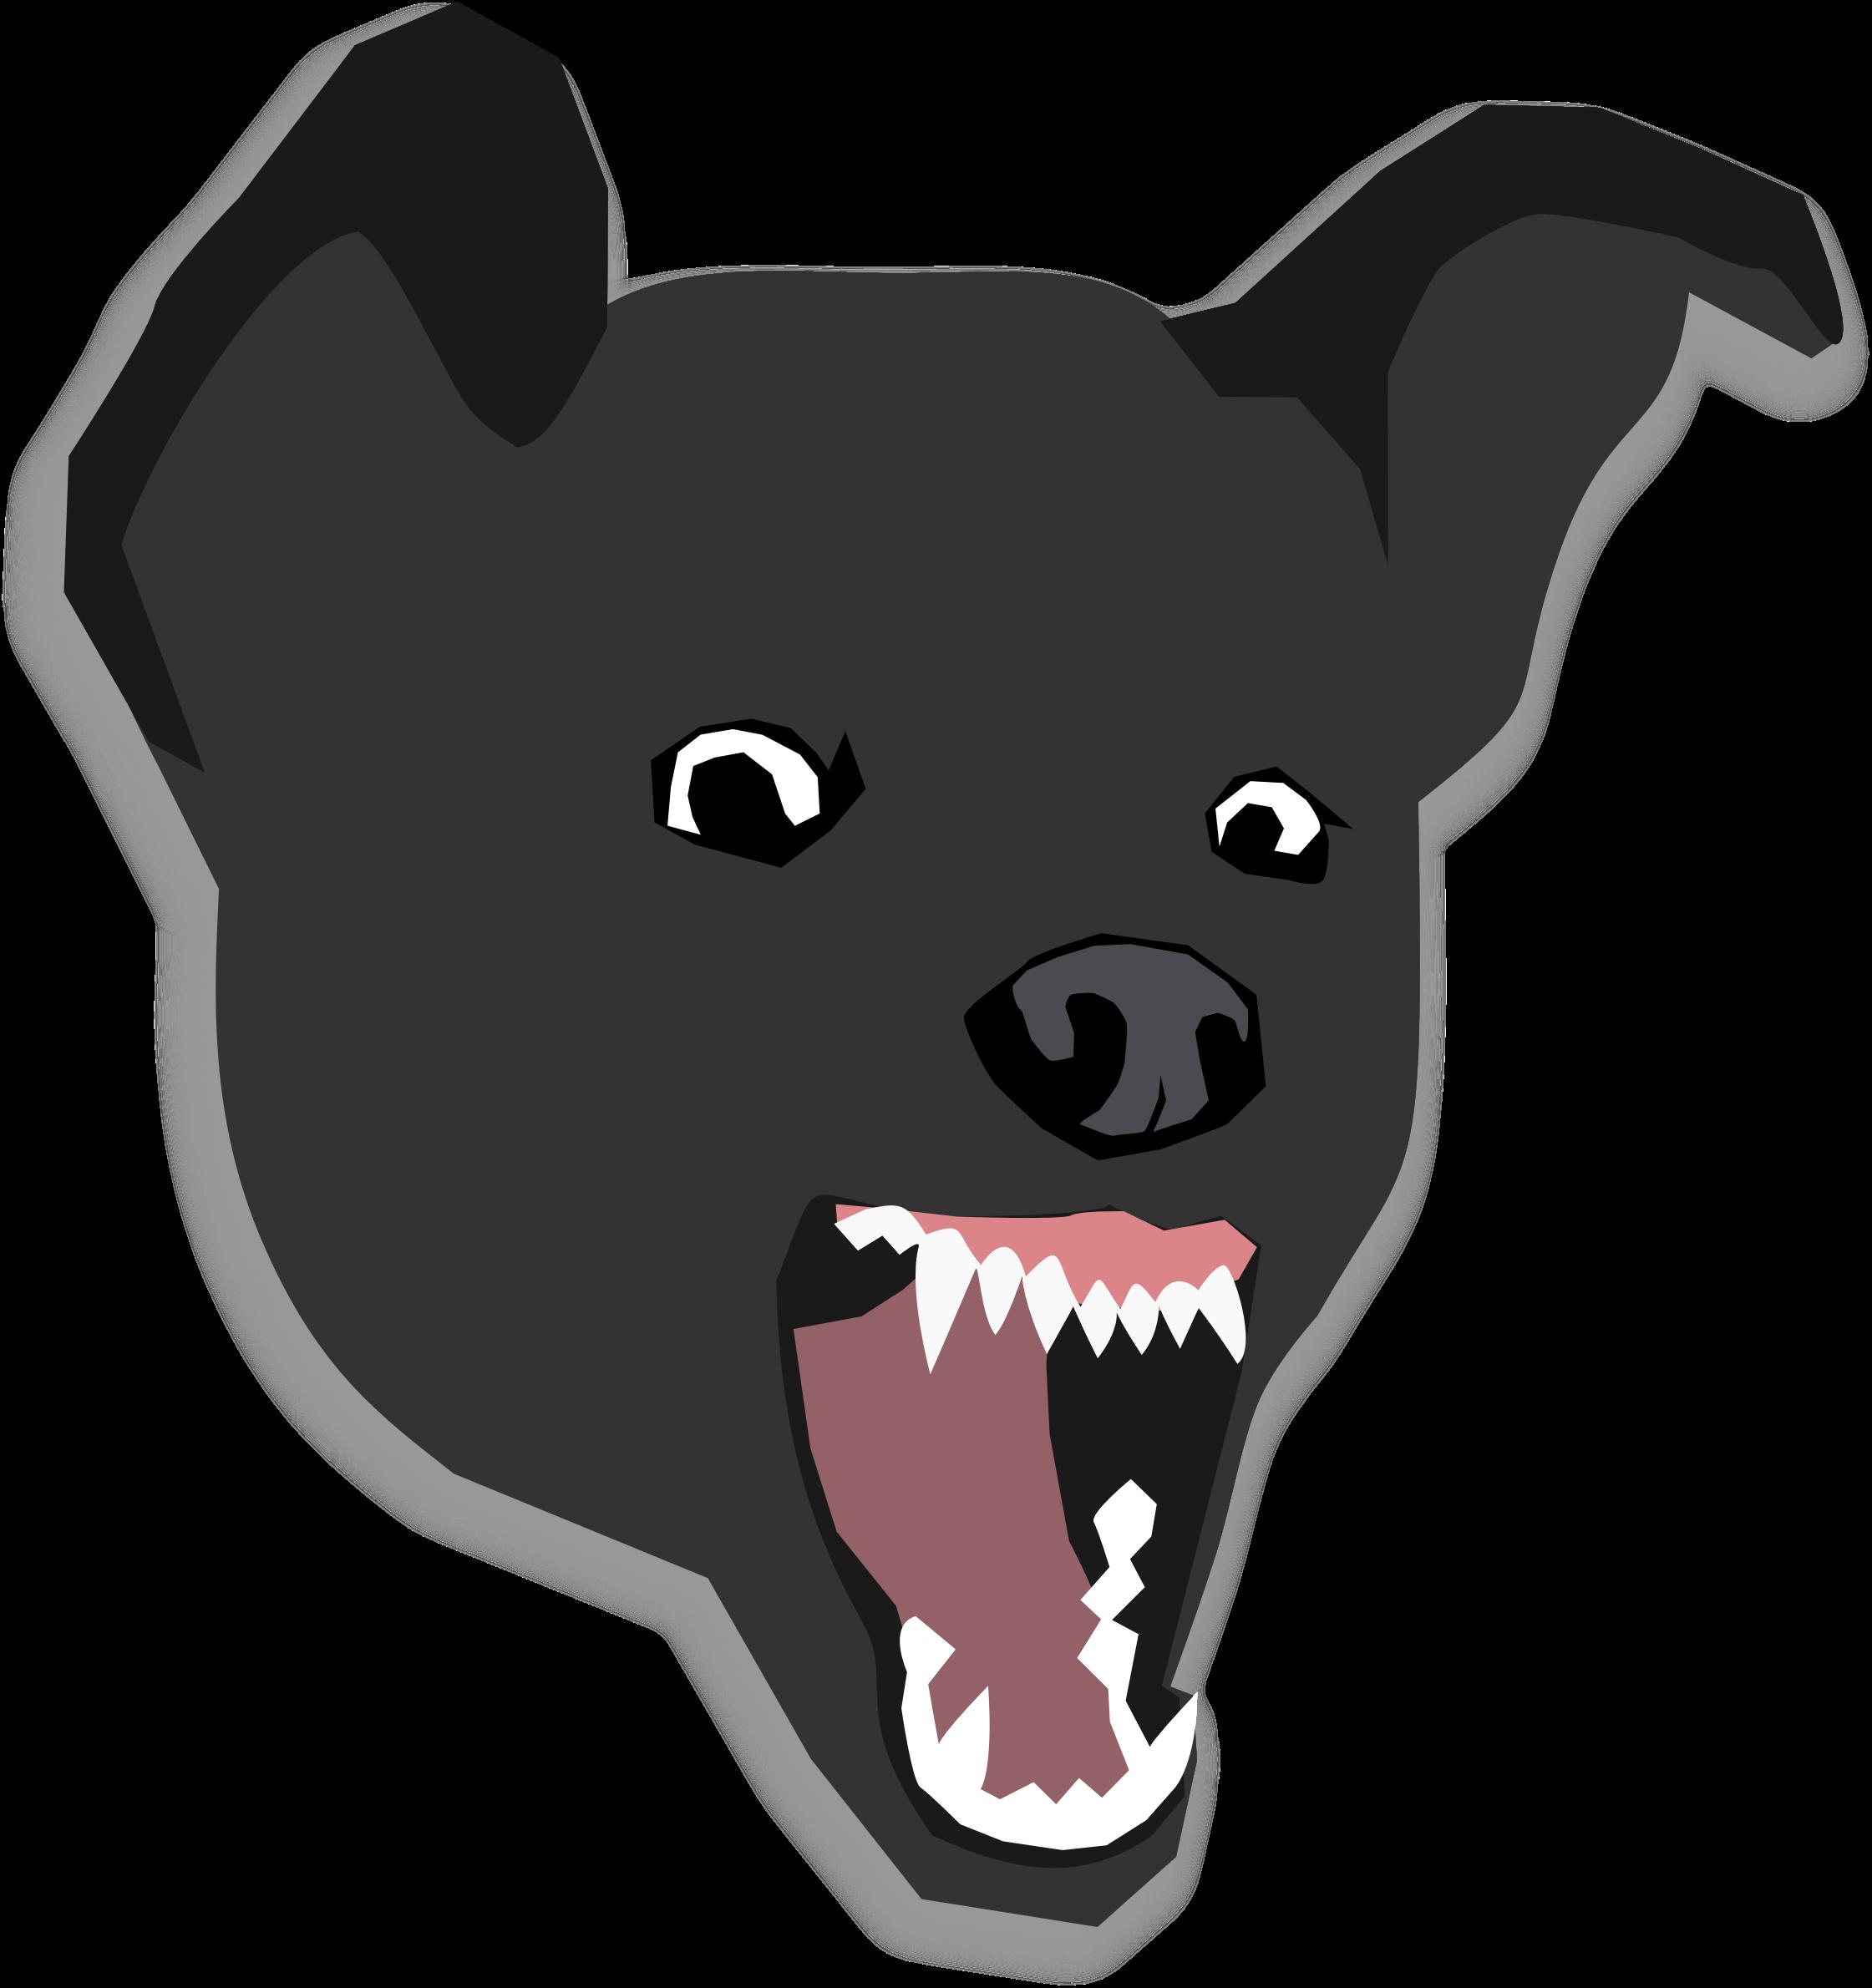 Husky clipart dogr. Mean dog big image